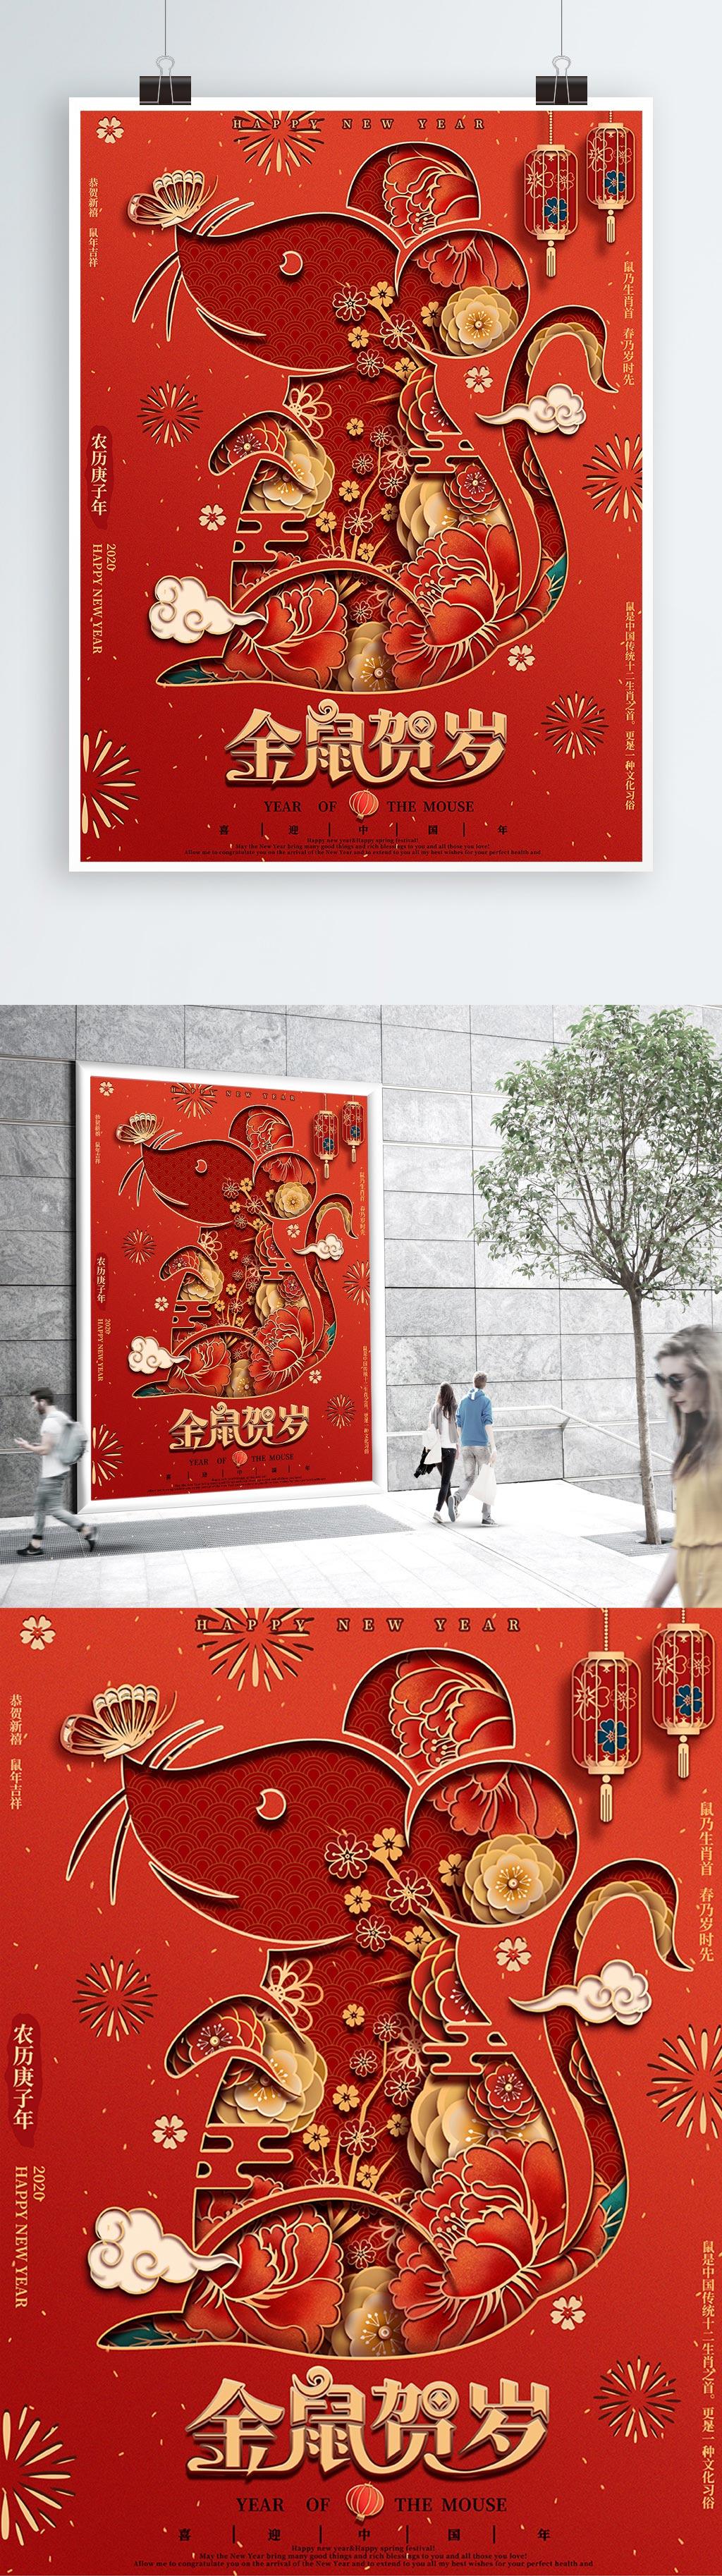 剪纸叠加鼠年宣传海报2020新春春节新年